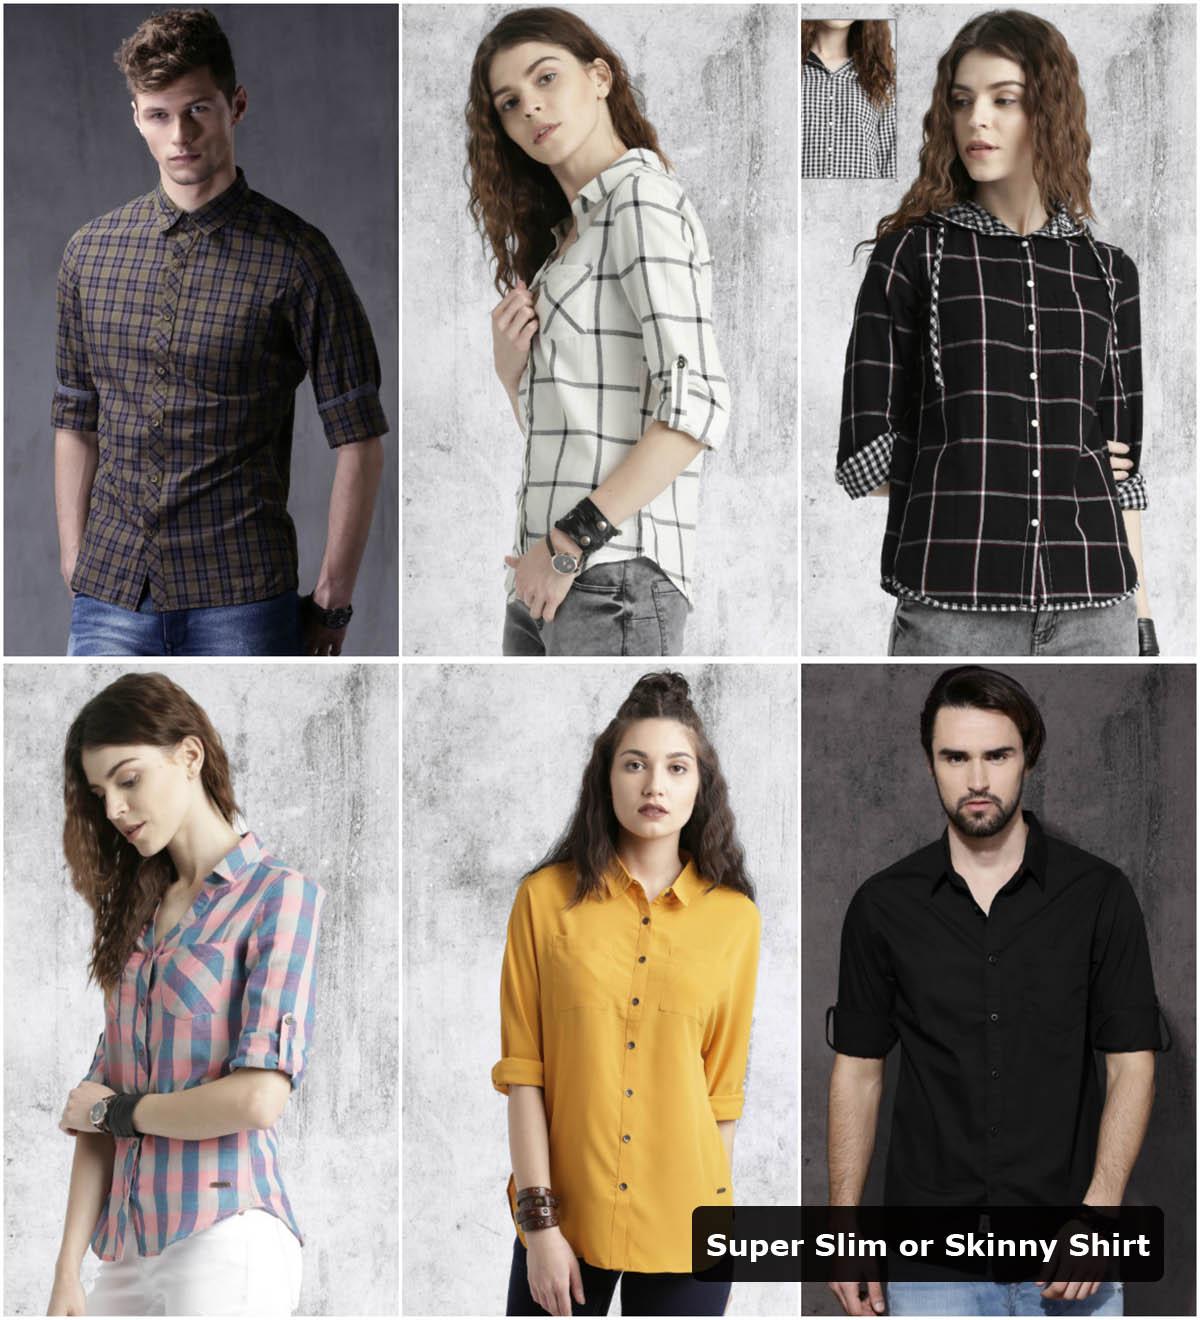 super-slim-or-skinny-shirt